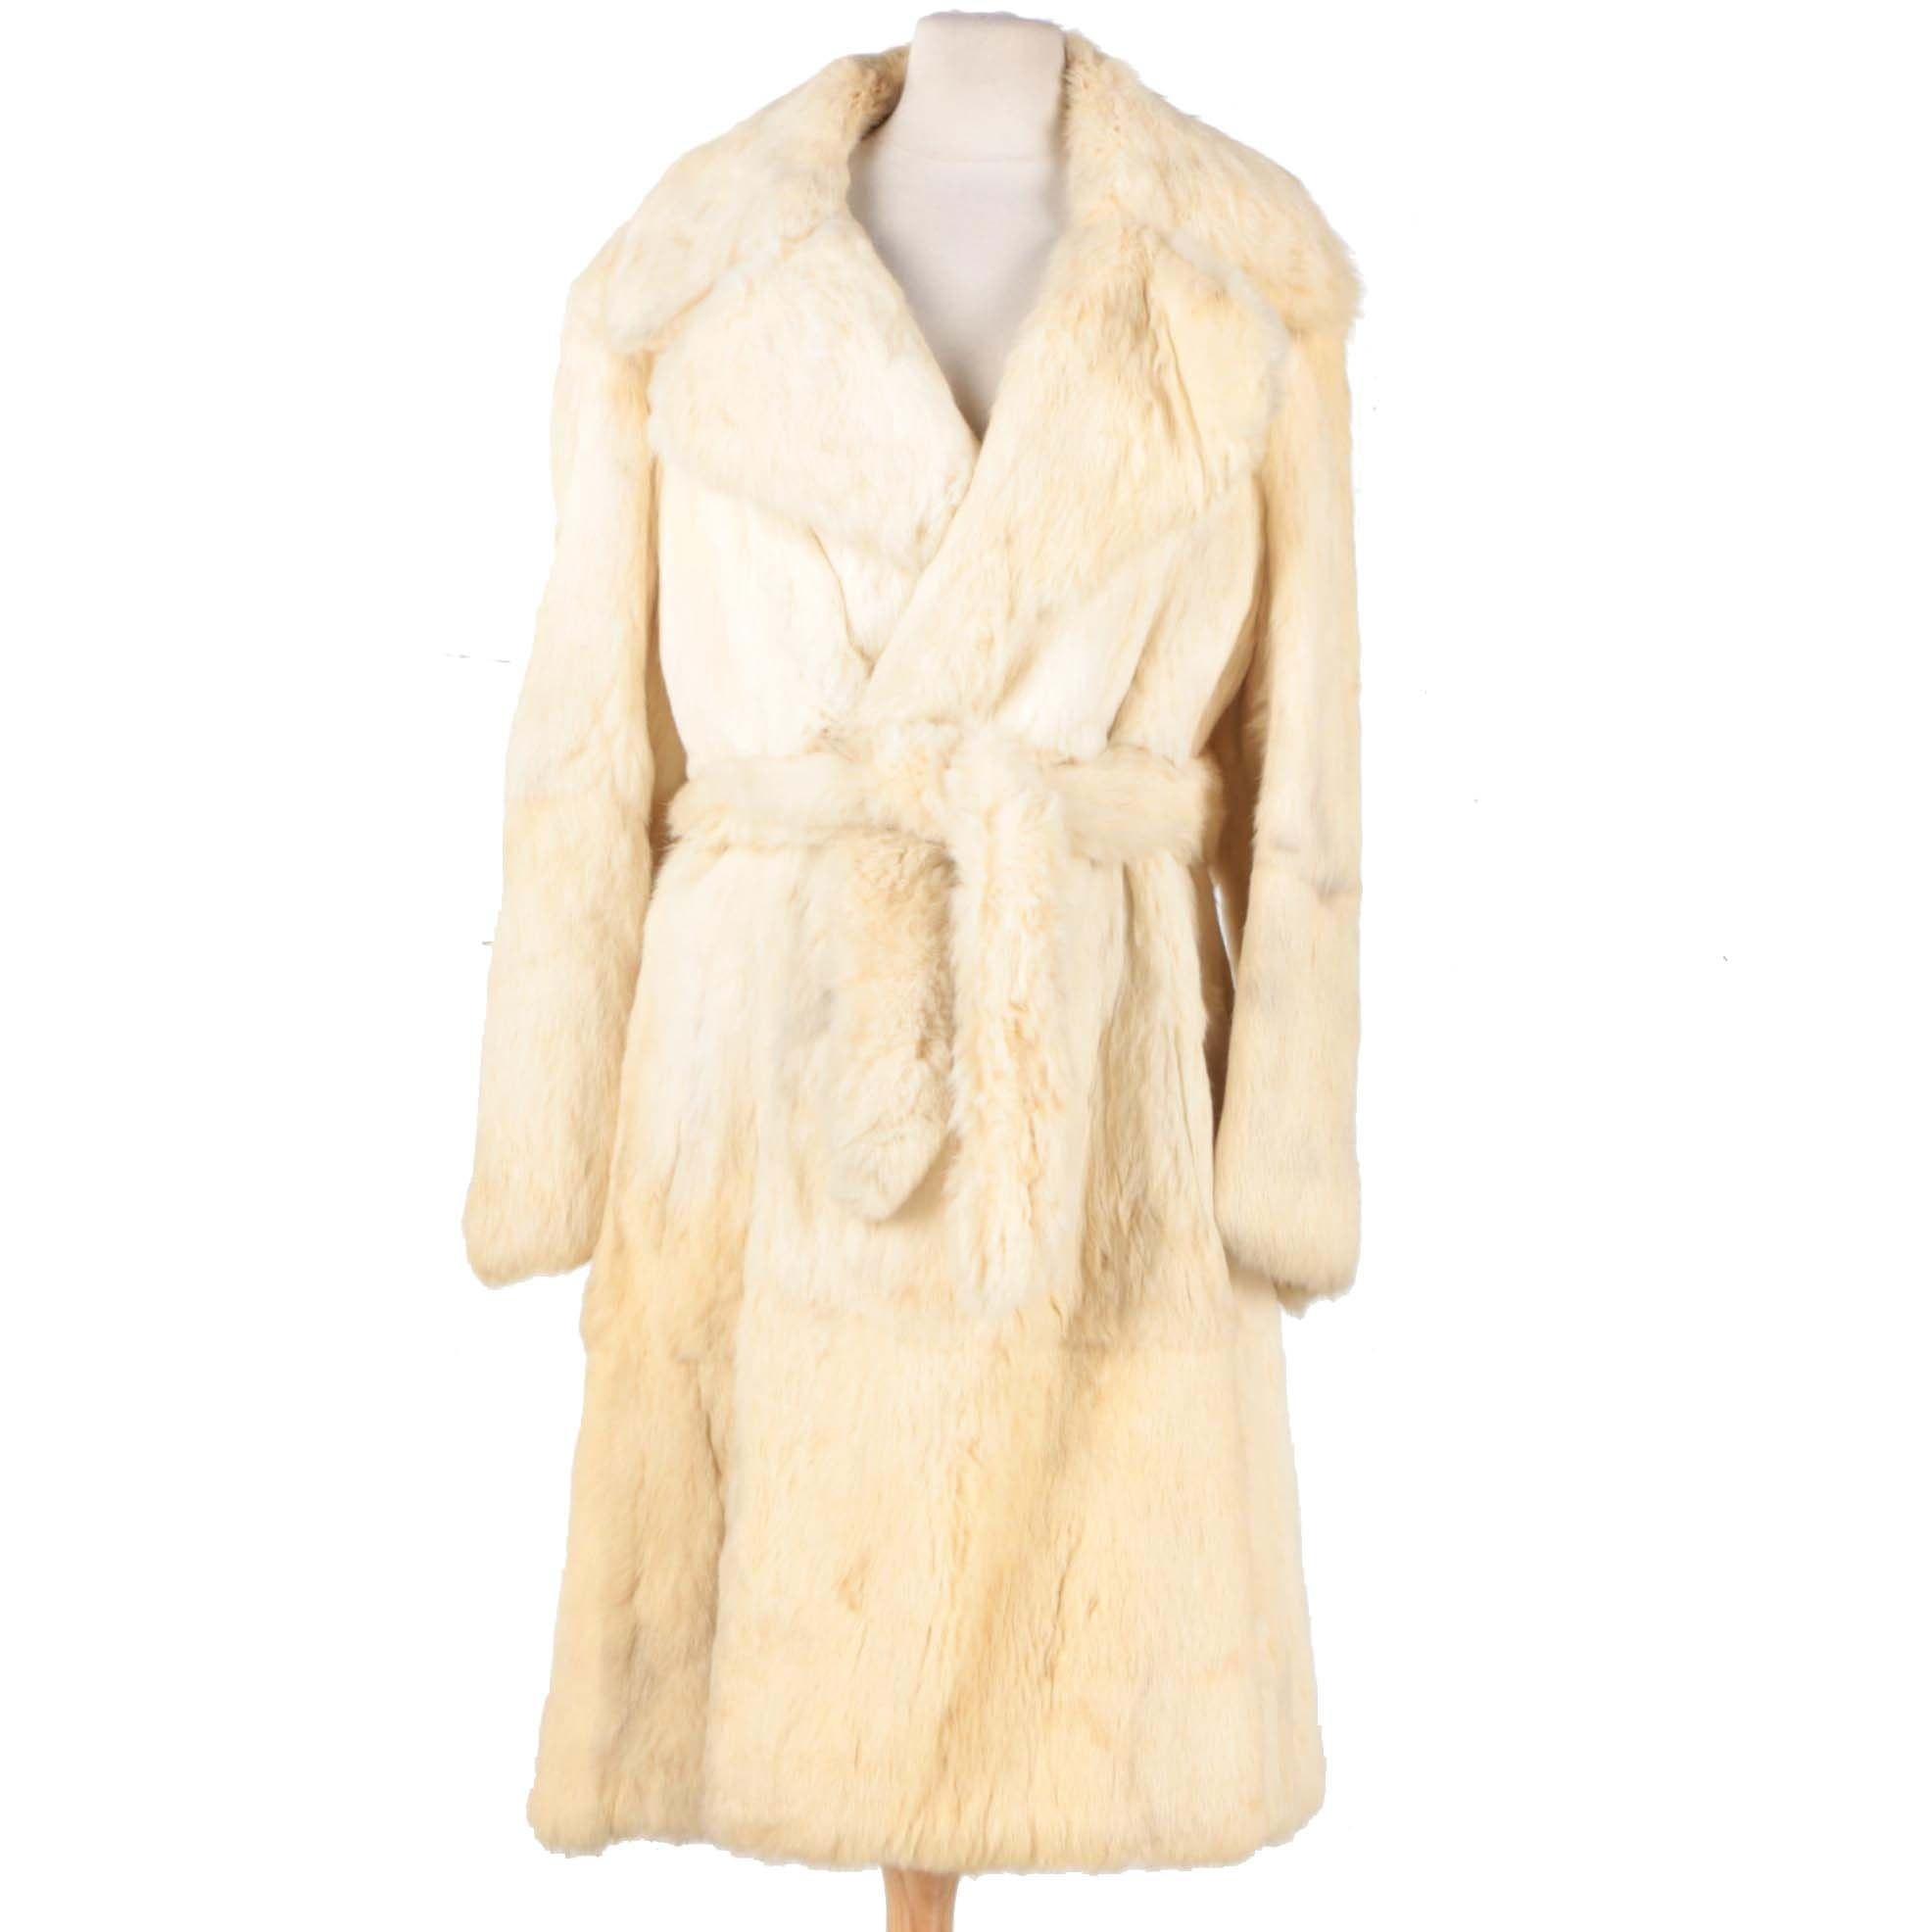 Evans Rabbit Fur Women's Coat